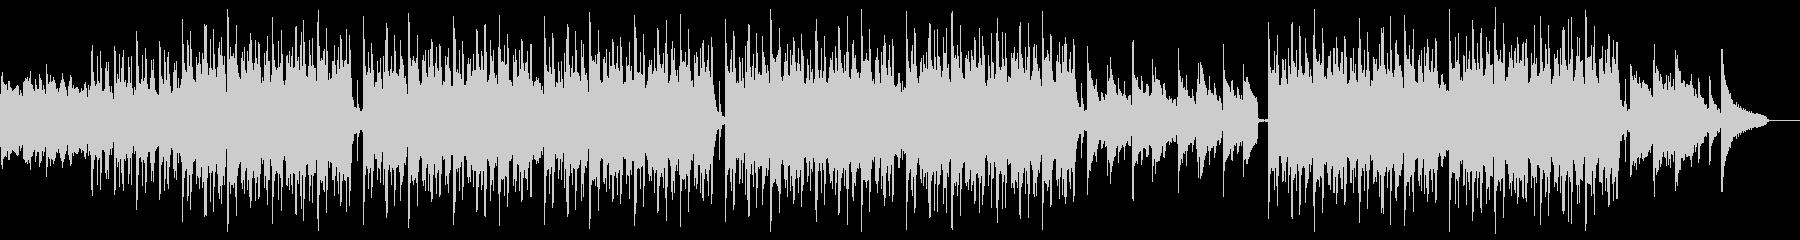 明るいピアノバイオリンポップ:Eギター抜の未再生の波形